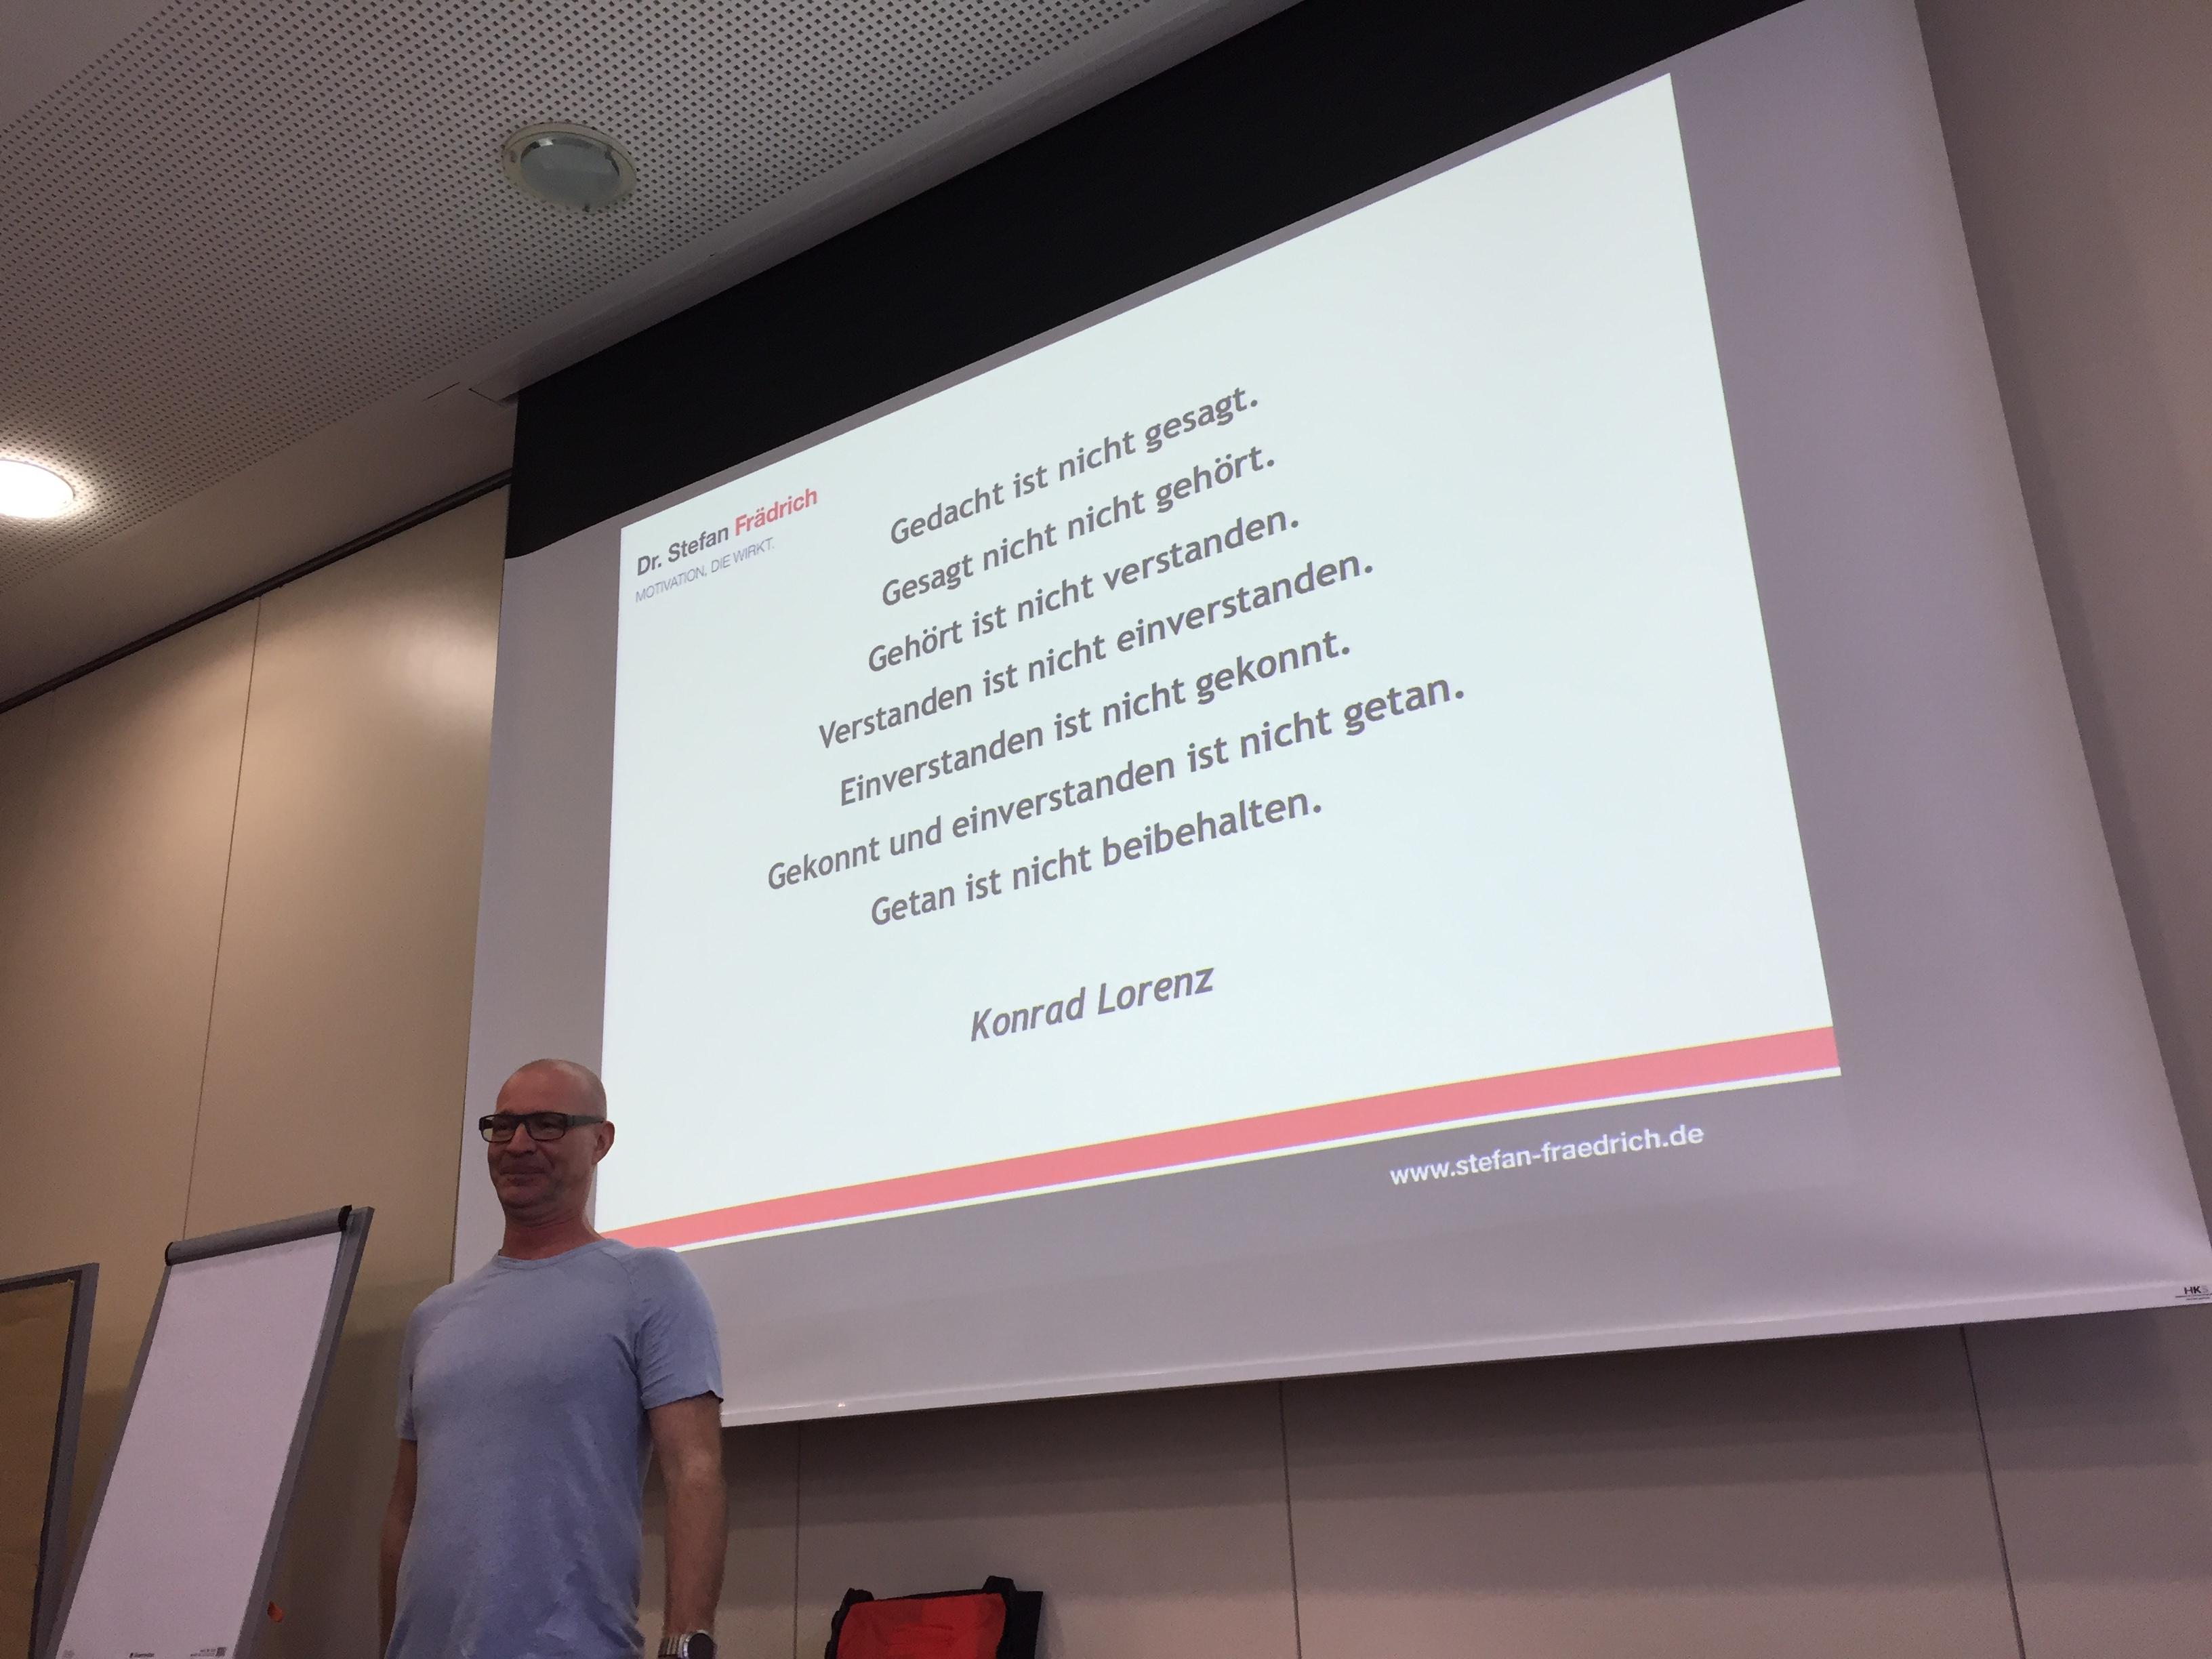 Mein Seminarjahr - Stefan Frädrich - Kommunikation - Konrad Lorenz